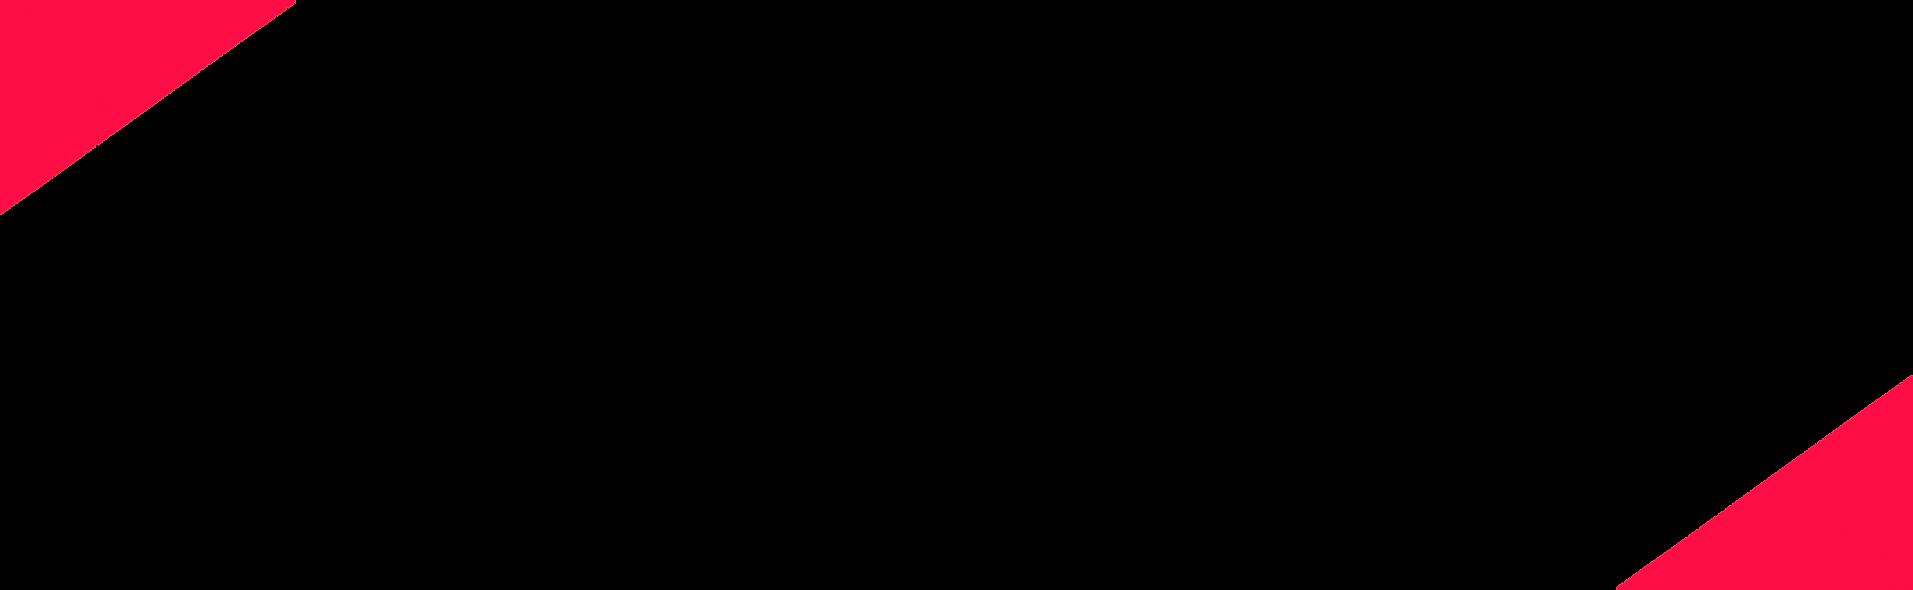 5A922F89-4310-452E-A0AF-1D834AC8A525.png